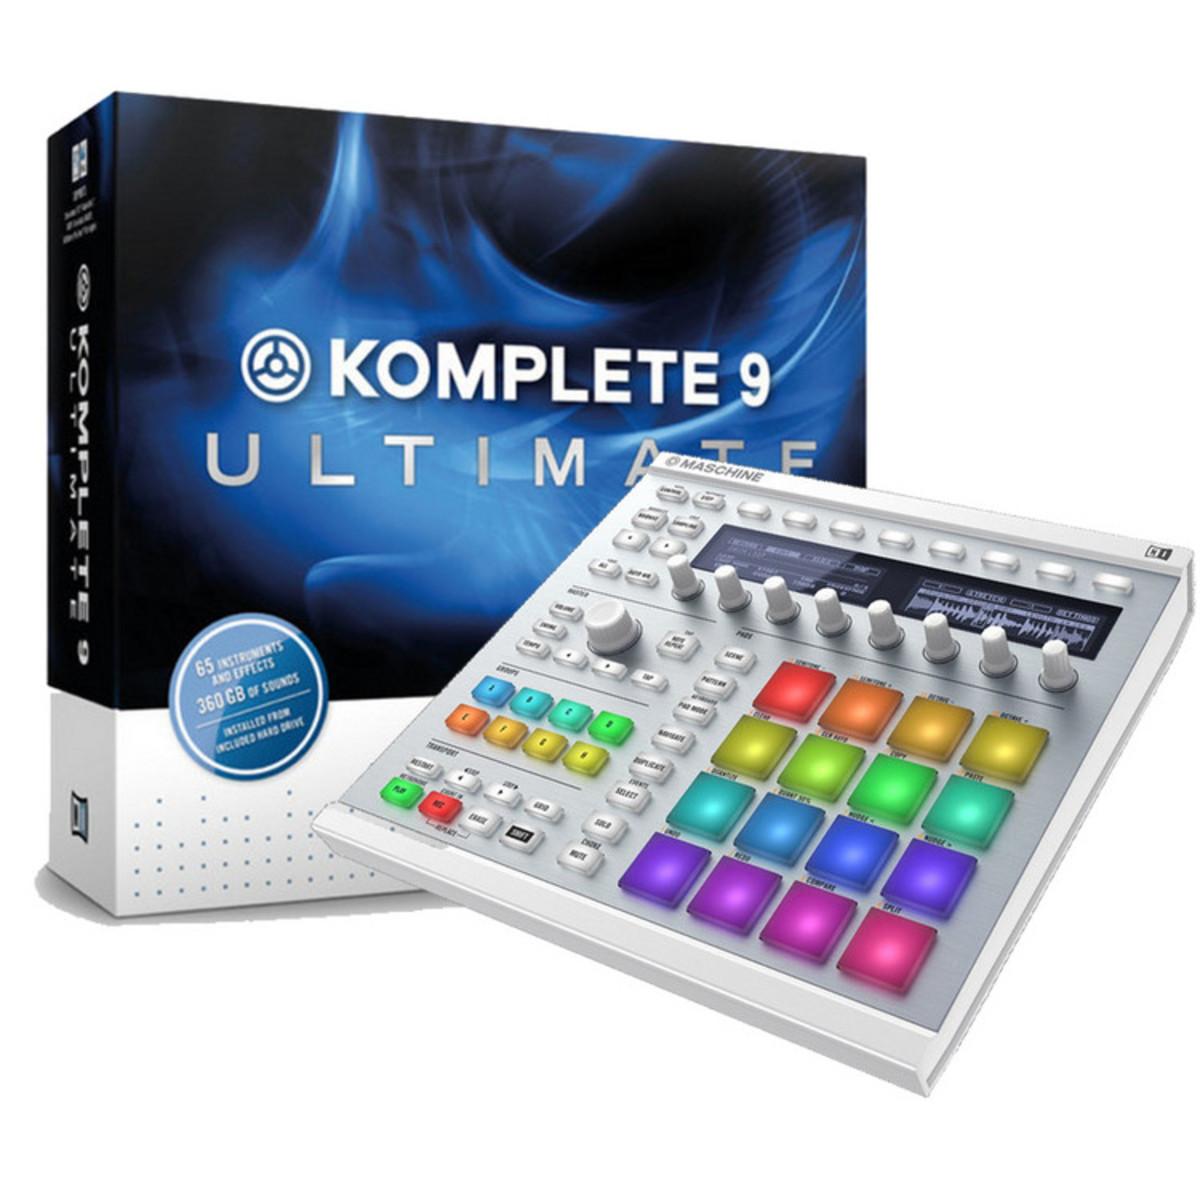 NI Komplete Ultimate 9 MAC OSX x86 x64 - audiotools.club